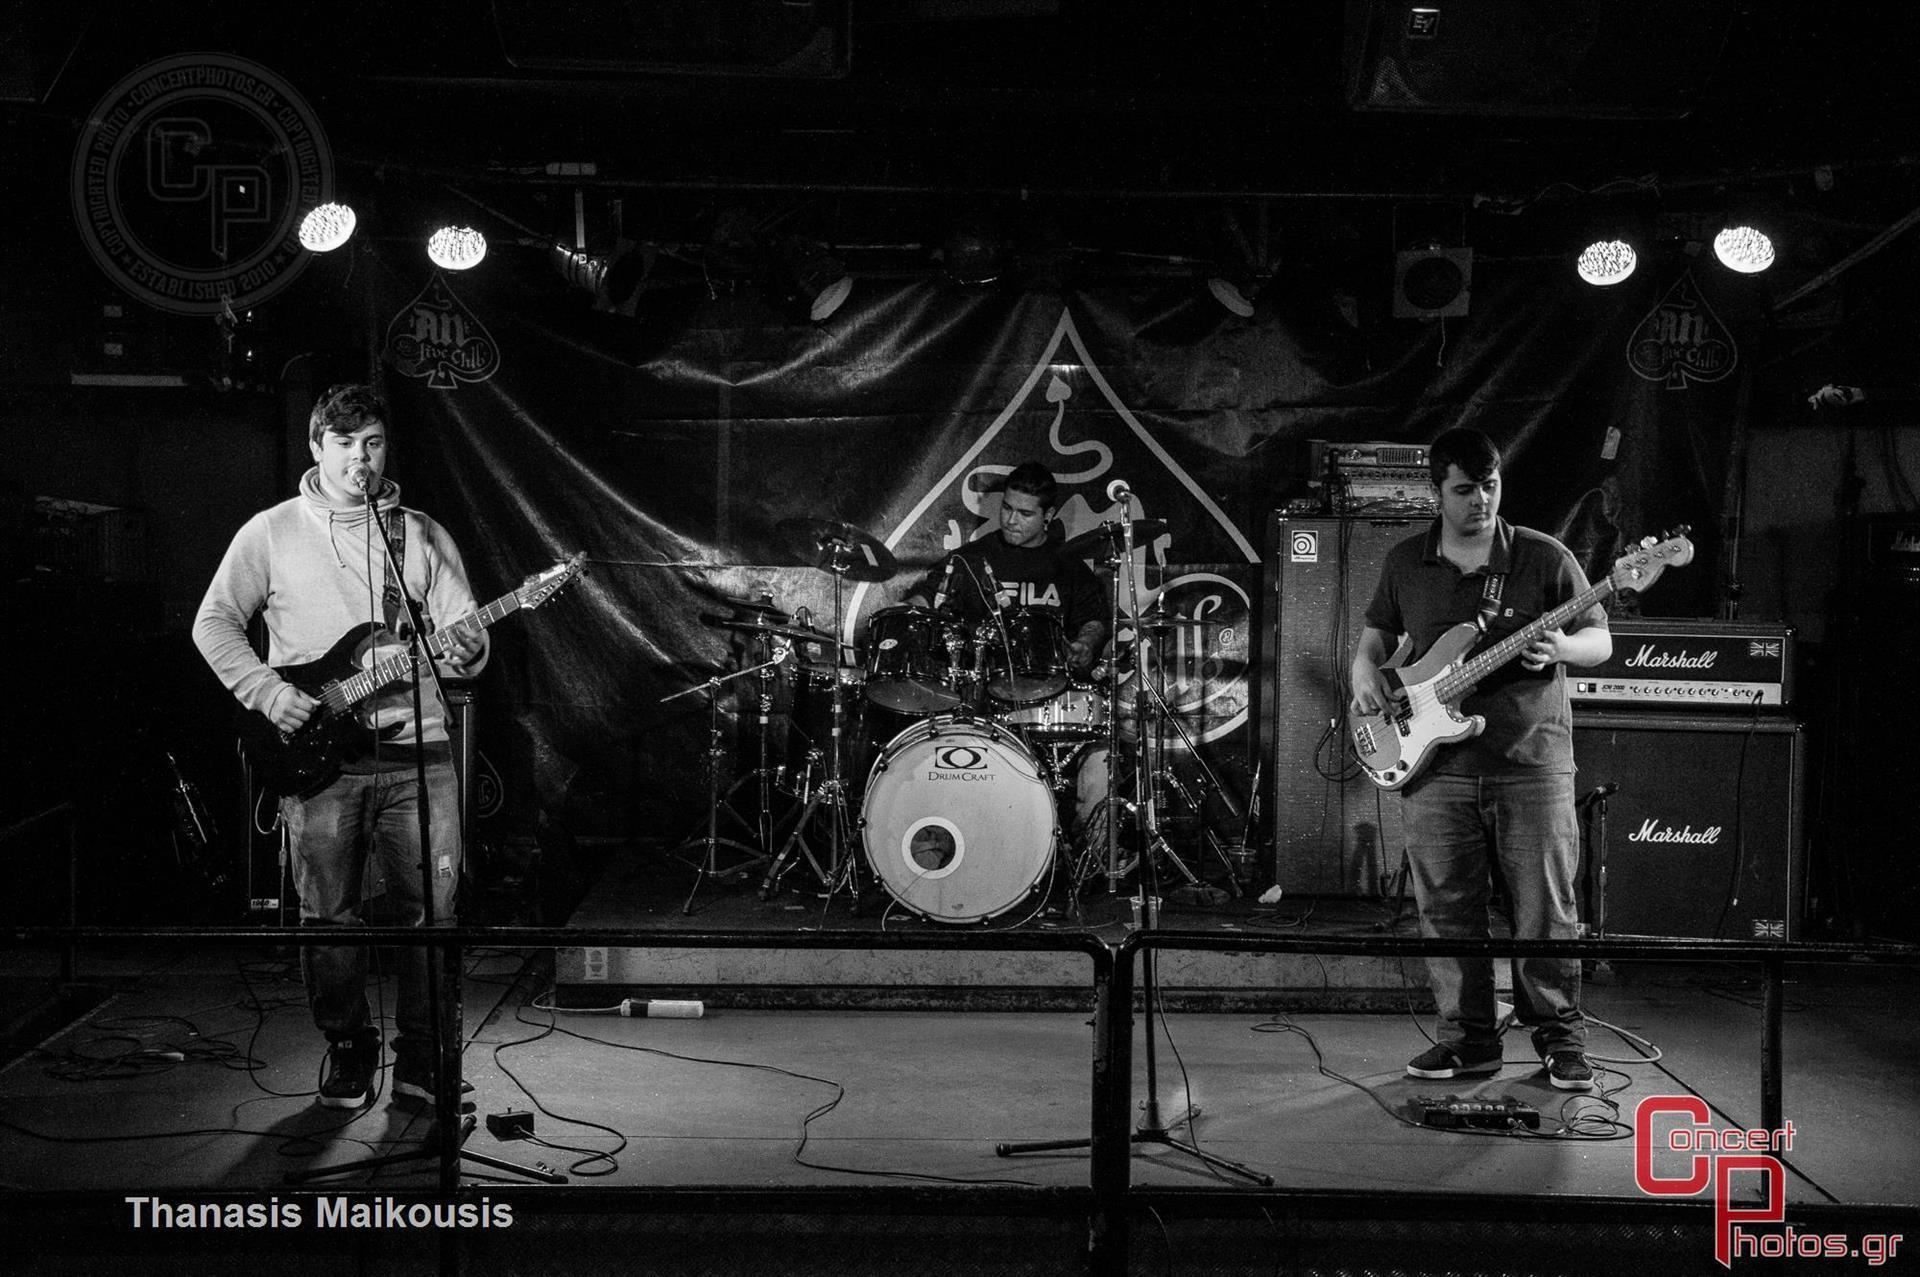 Battle Of The Bands Leg 5-Battle Of The Bands Leg 4 photographer: Thanasis Maikousis - ConcertPhotos - 20150315_2140_40